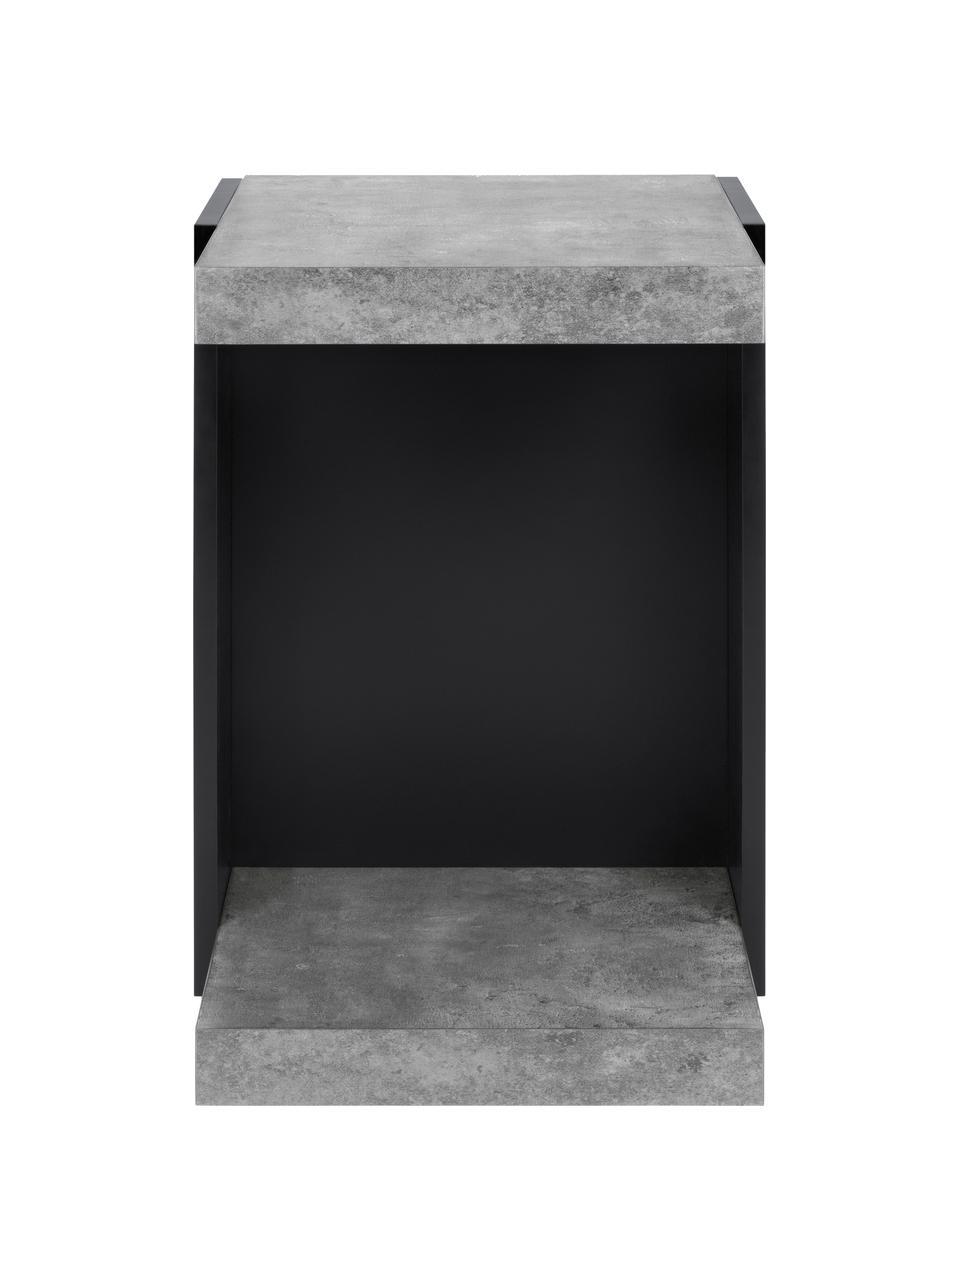 Bijzettafel Klaus, Frame: met melamine gecoate spaa, Beton optiek, 38 x 55 cm